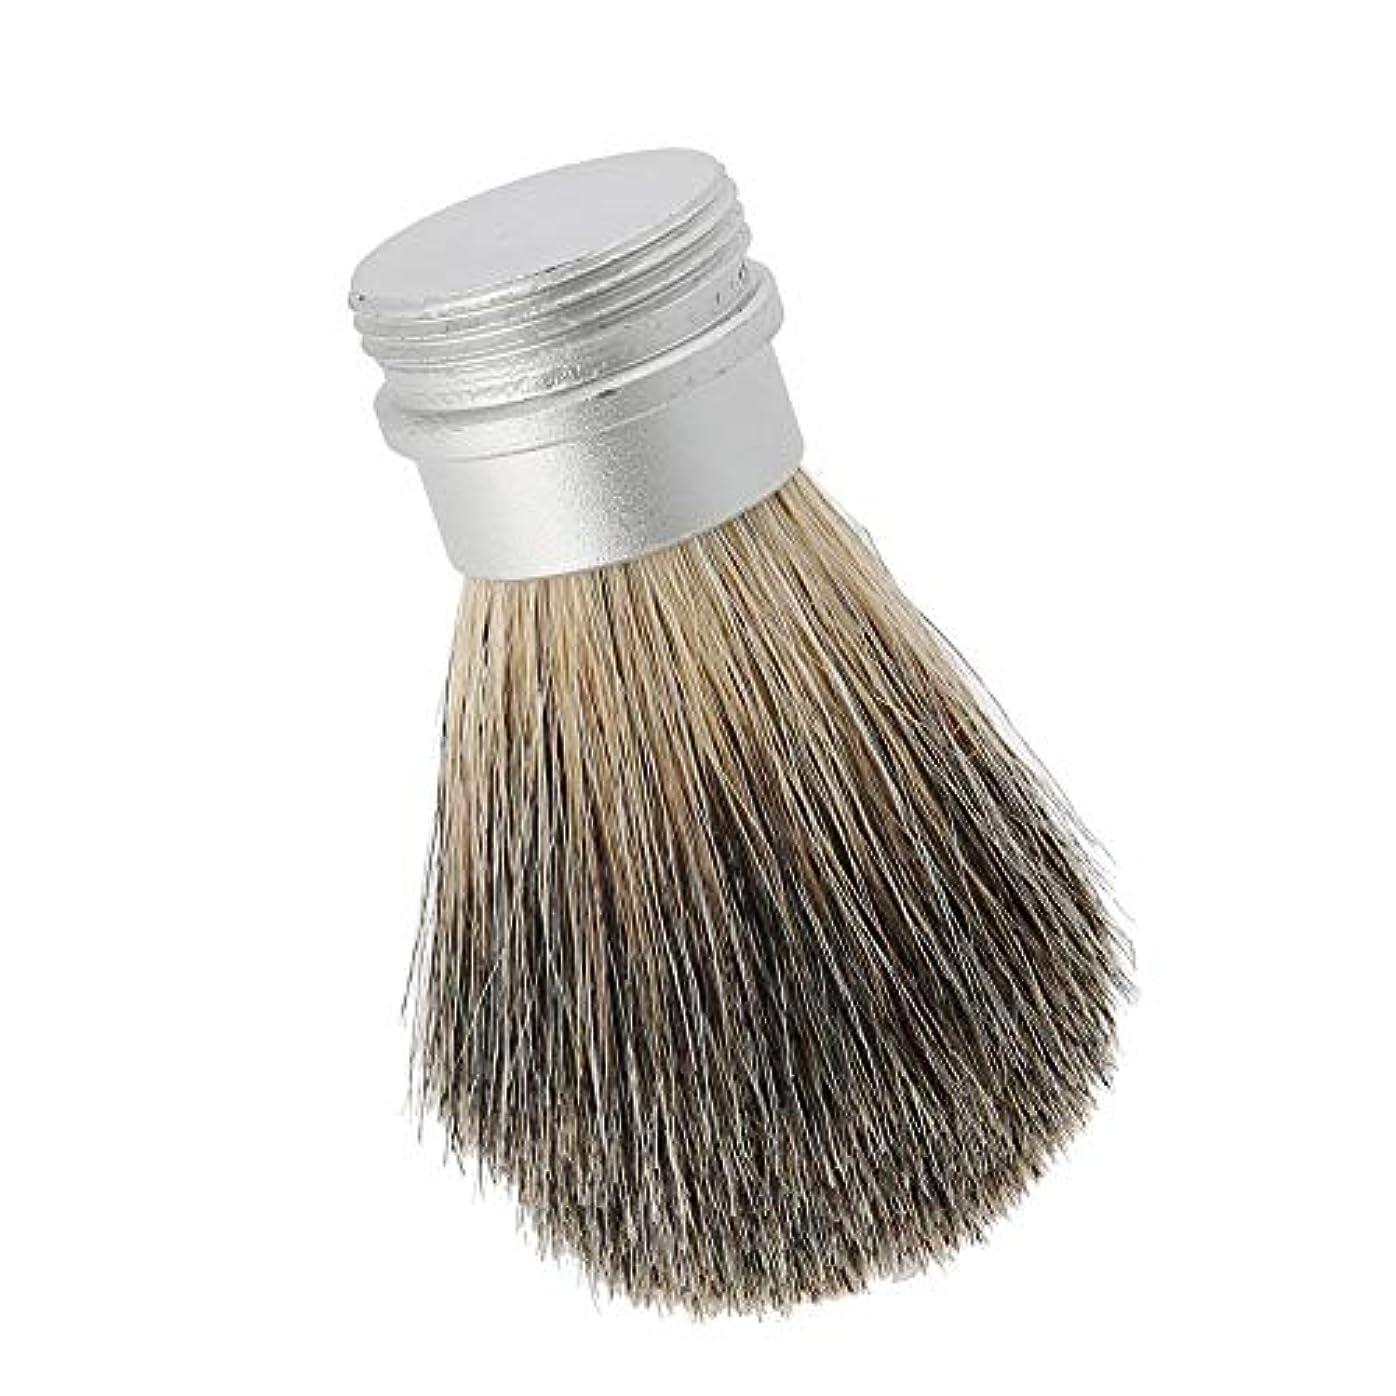 権限を与えるフィードオンバドミントンひげブラシひげ剃りツールポータブルひげブラシ男性のための最高のヘアブラシ口ひげブラシ